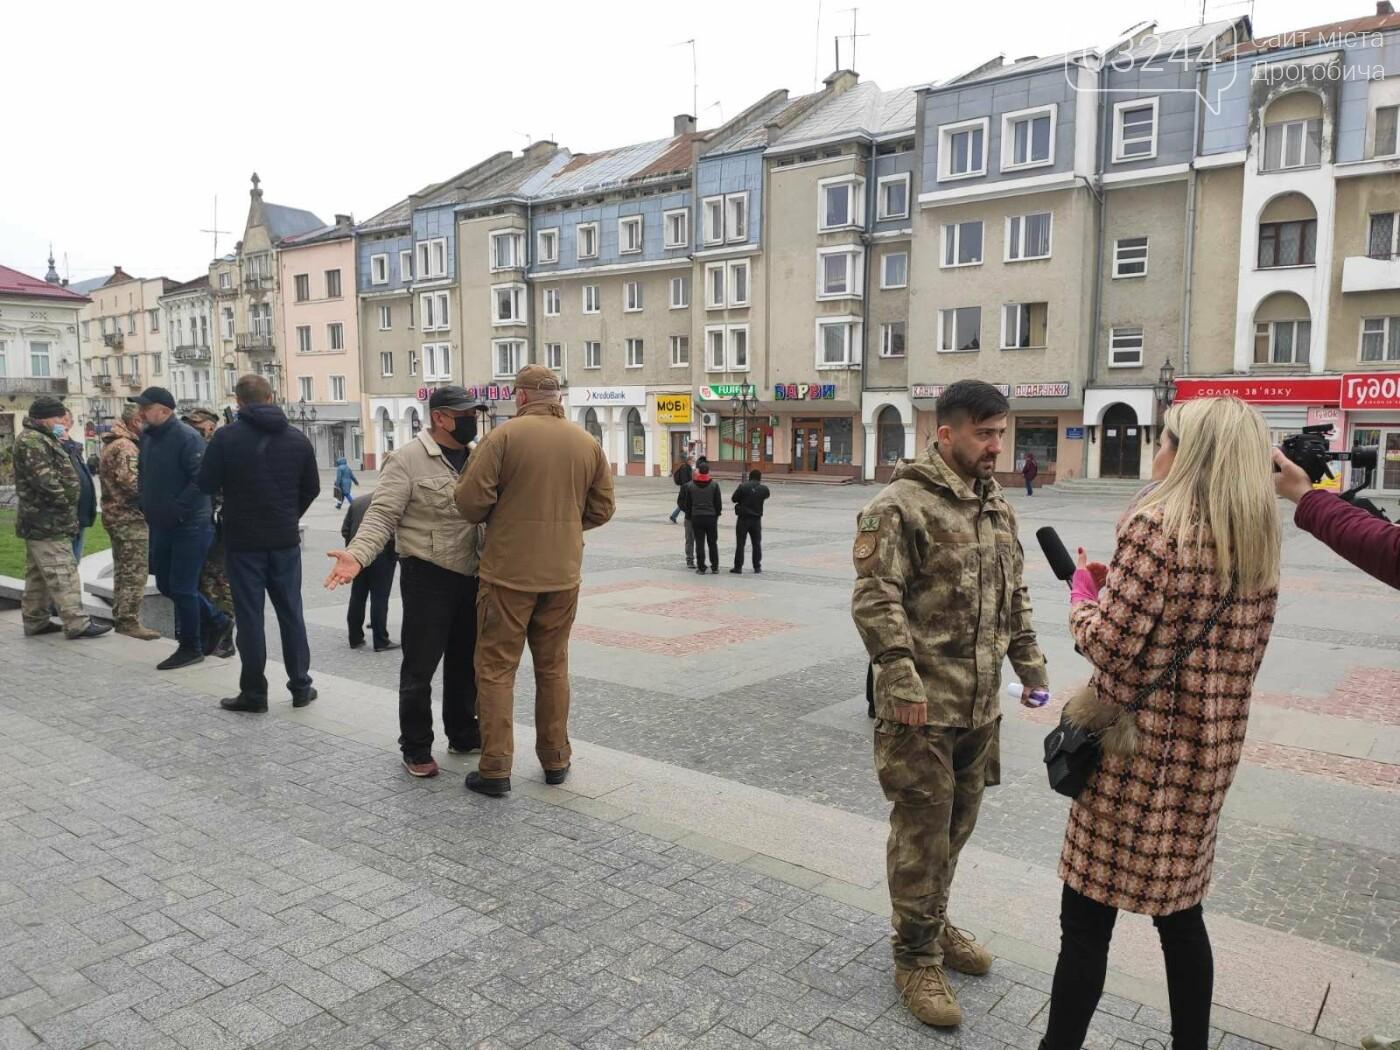 Учасники АТО провели акцію протесту: виступили проти сепаратистських настроїв на Дрогобиччині, фото-4